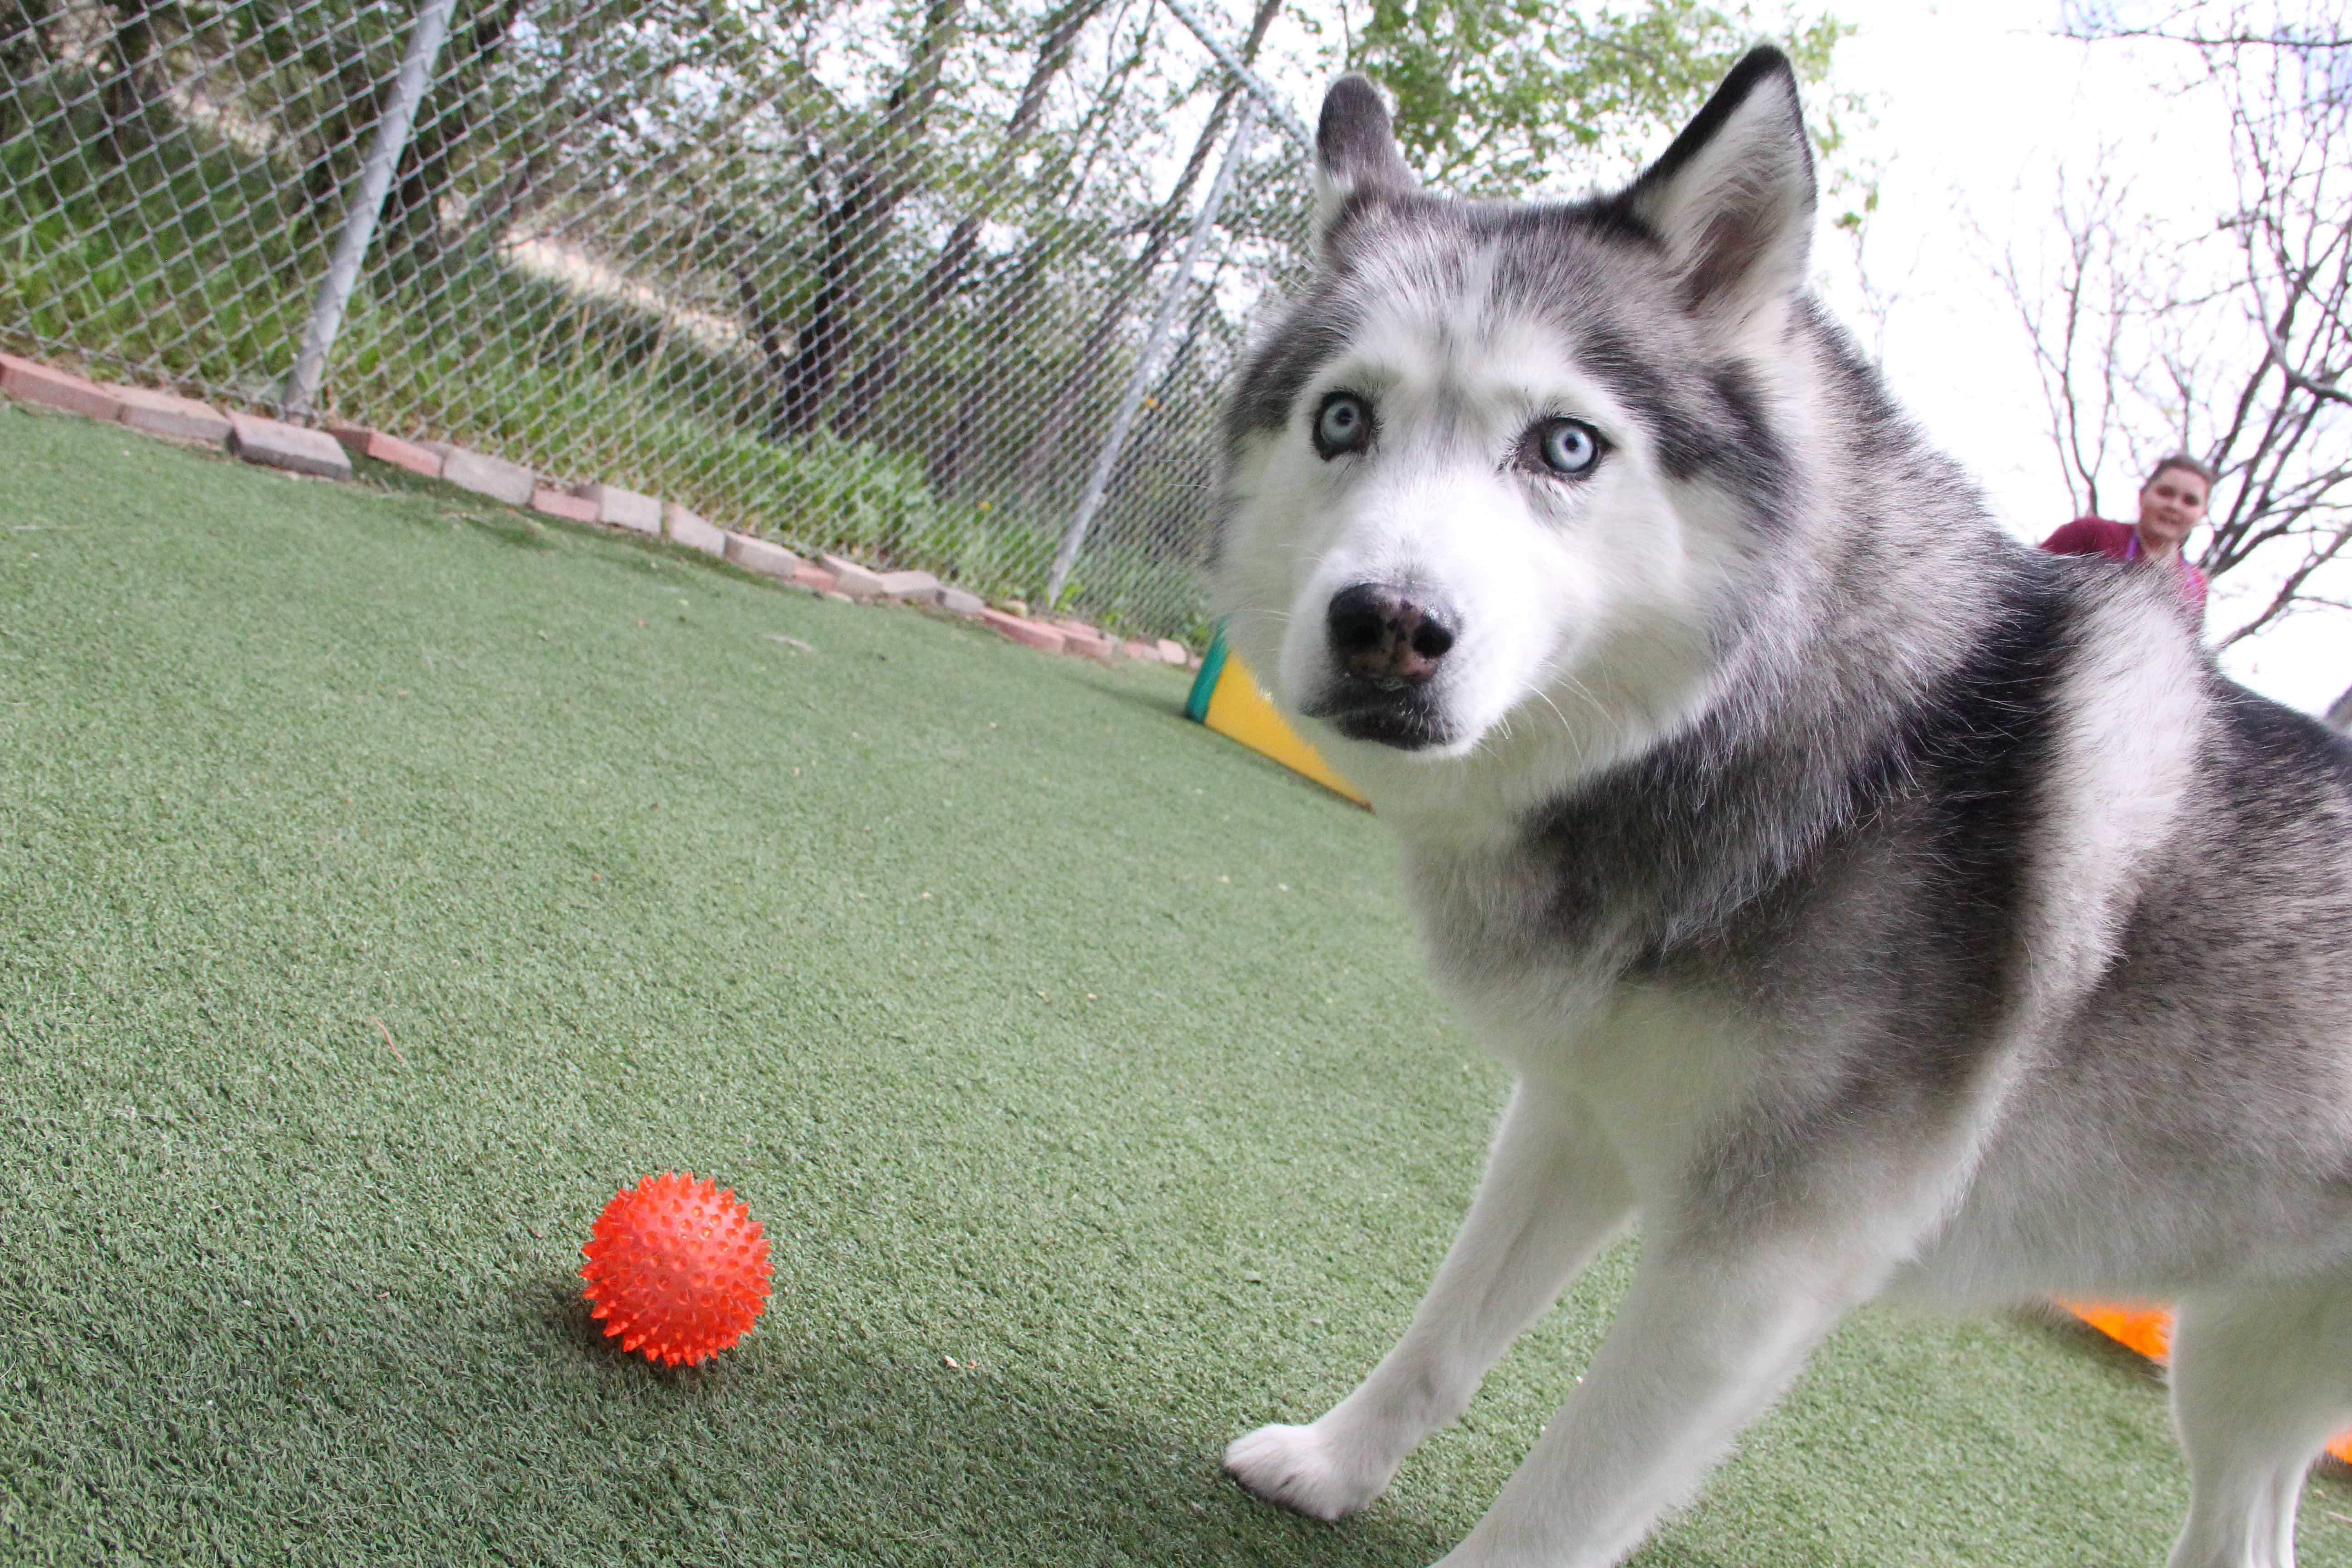 Ball?